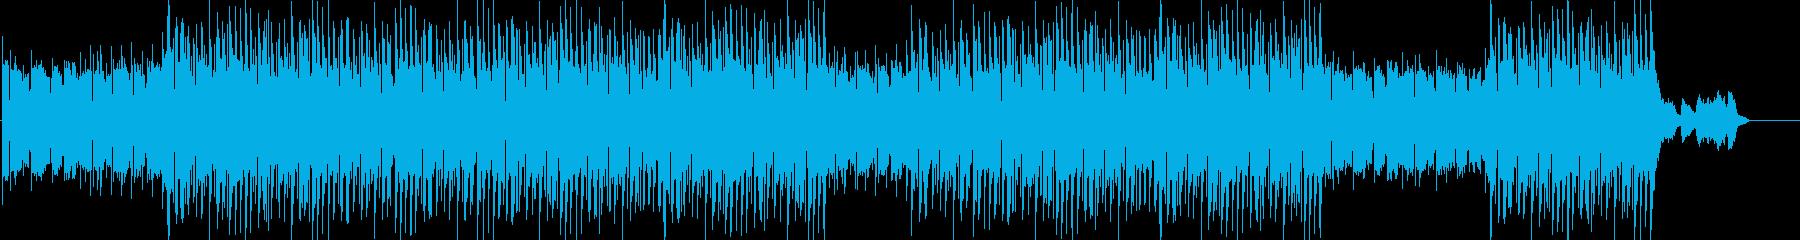 洋楽、チルアウト、ヒップホップトラック♪の再生済みの波形